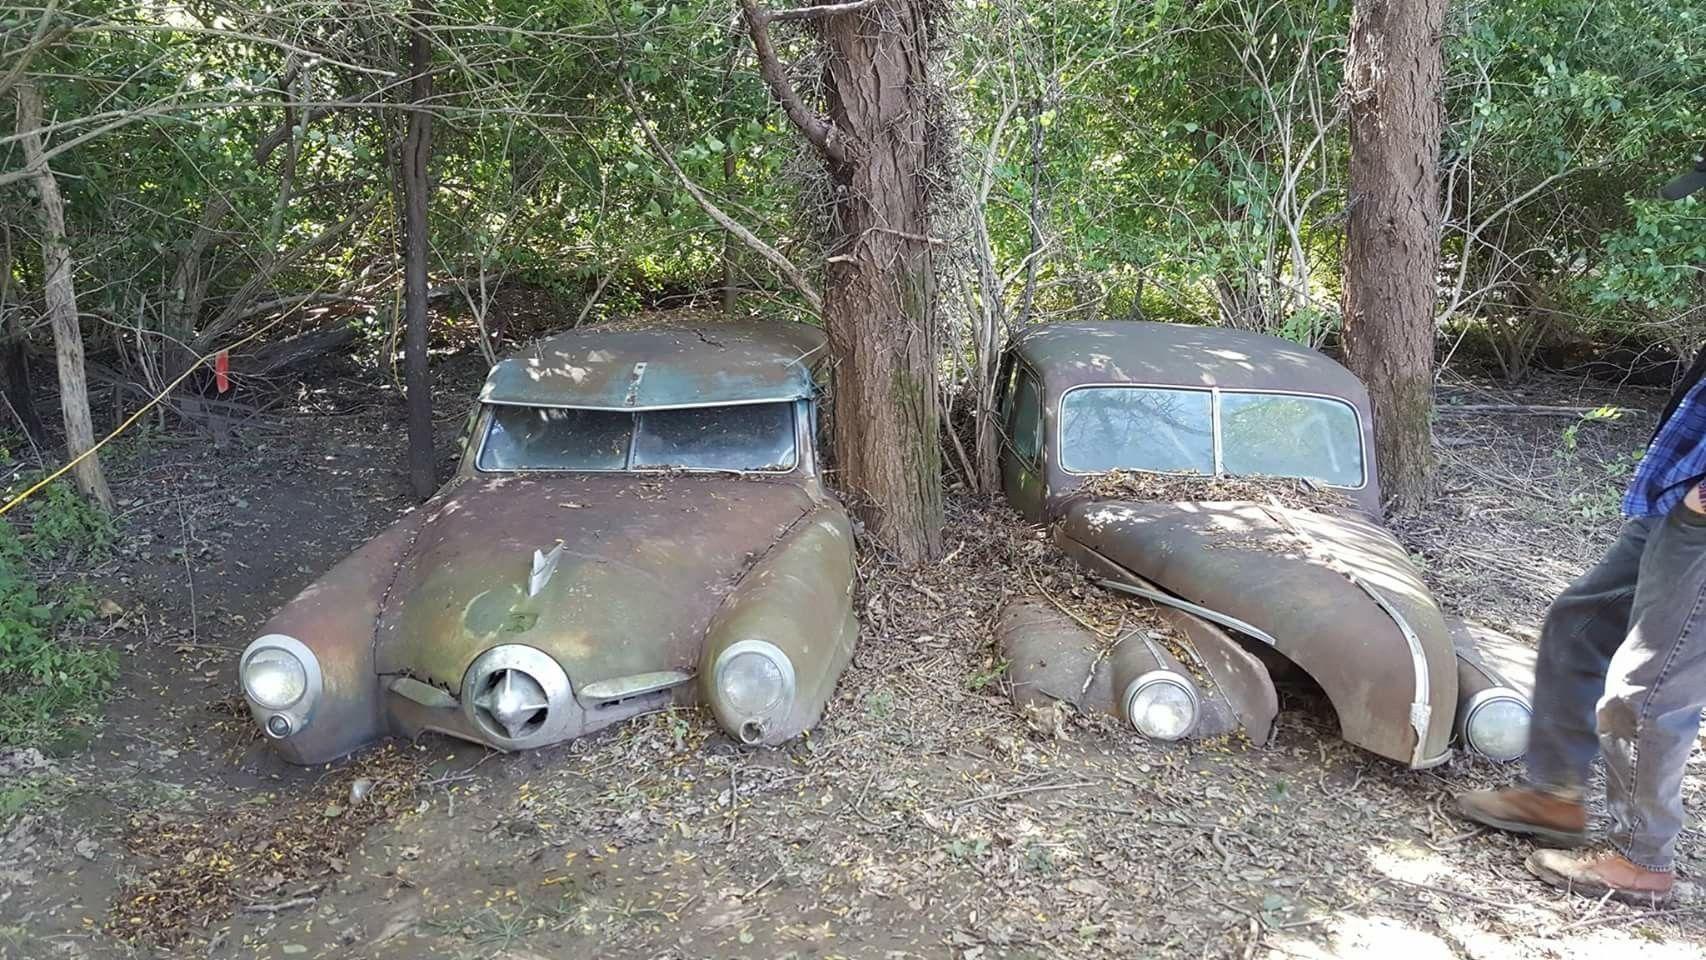 pingl par daniel white sur car morgue pinterest casse auto beaut vintage et voitures. Black Bedroom Furniture Sets. Home Design Ideas